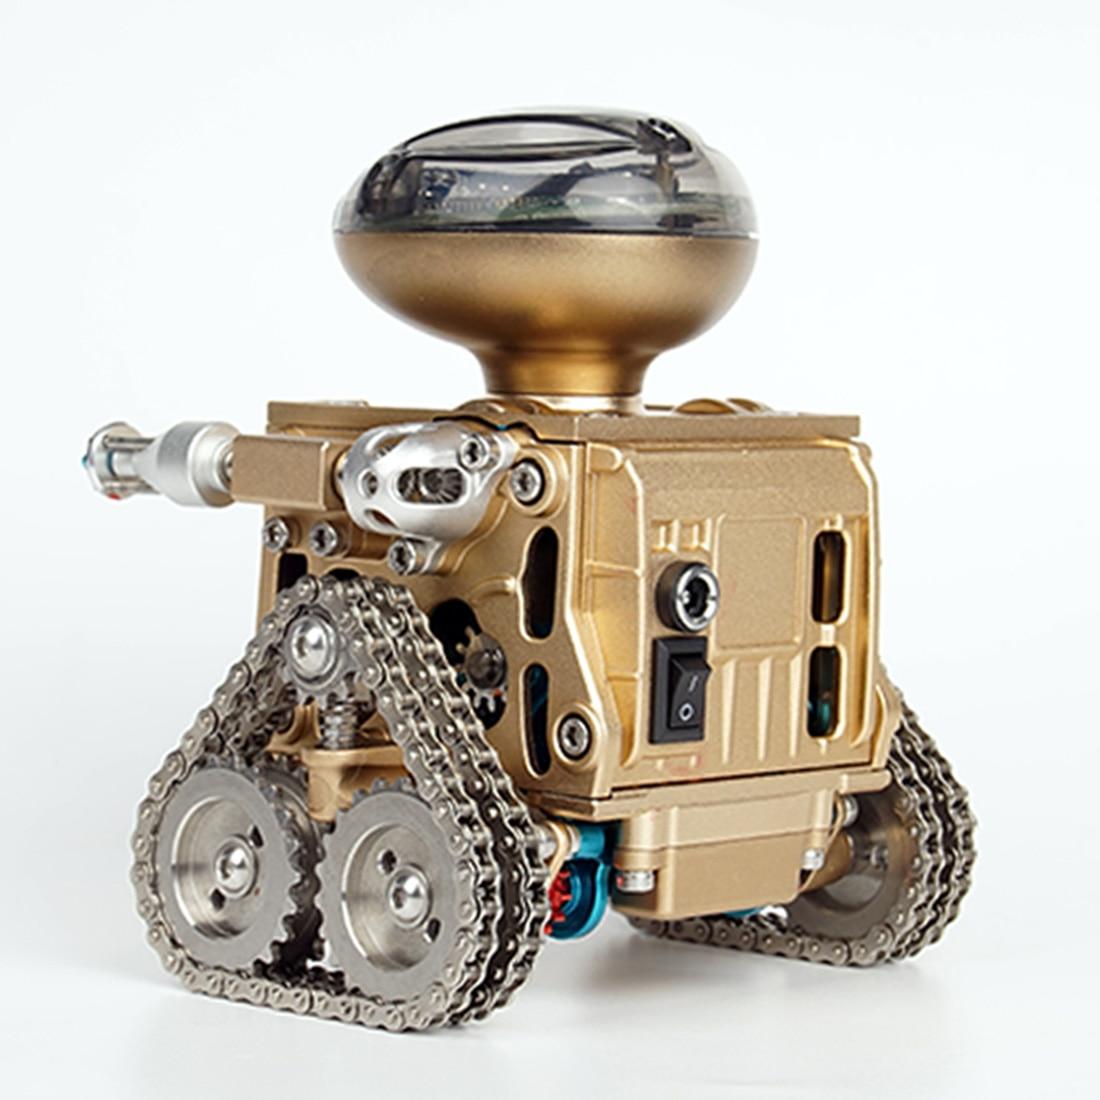 DIY Metall Intelligente Fernbedienung Smart Roboter Montage Pädagogische Modell Gebäude Spielzeug Geburtstag Geschenk für Junge Über 10 - 3